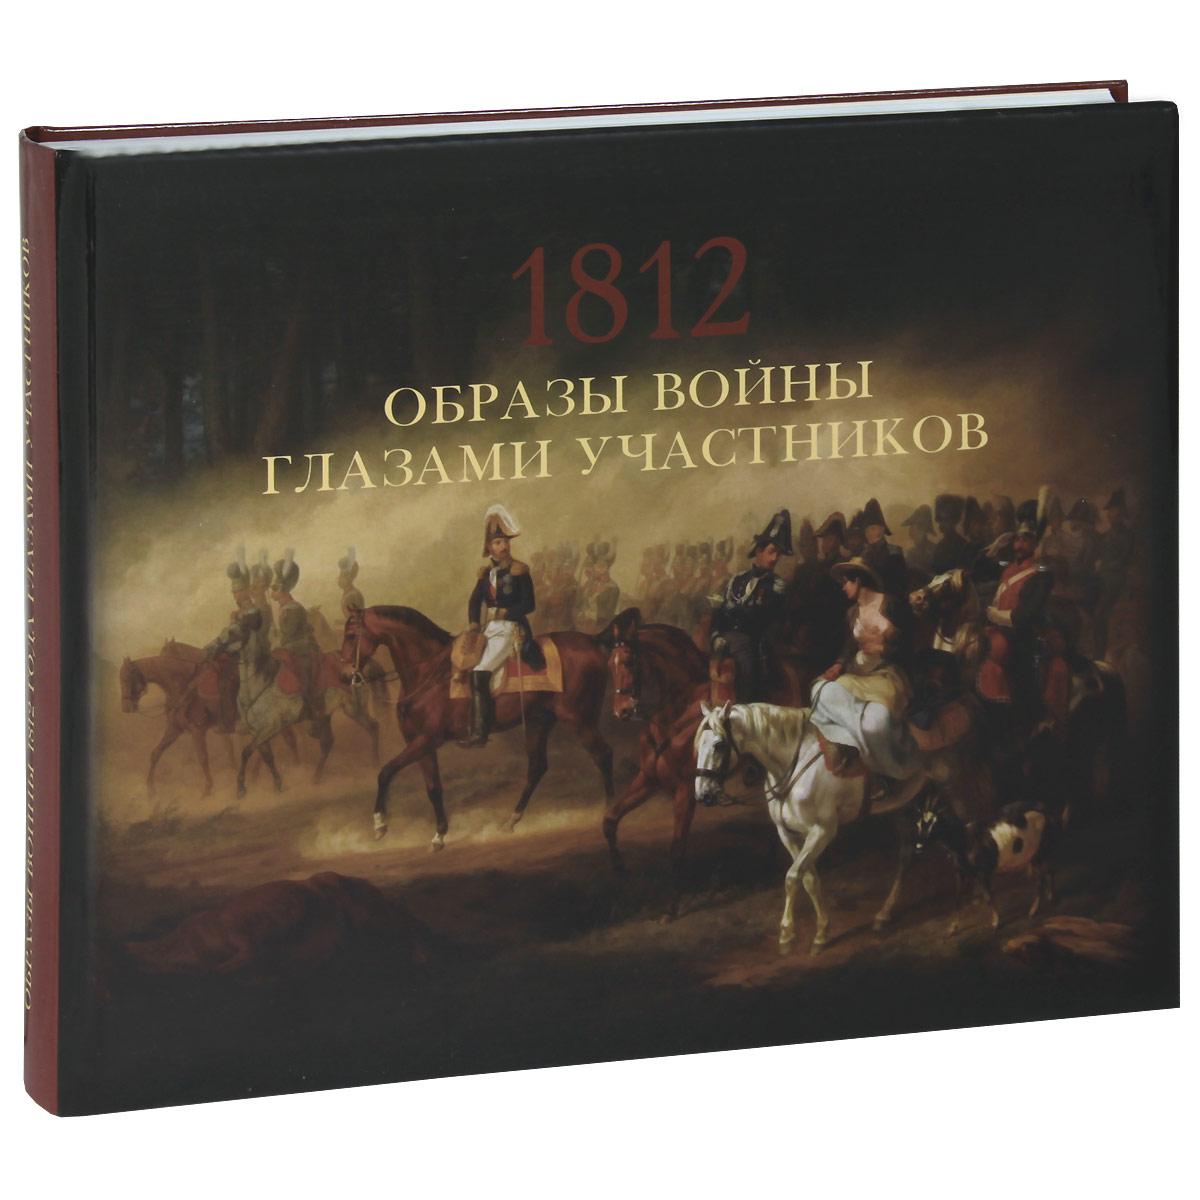 А. М. Валькович Образы войны 1812 года глазами участников